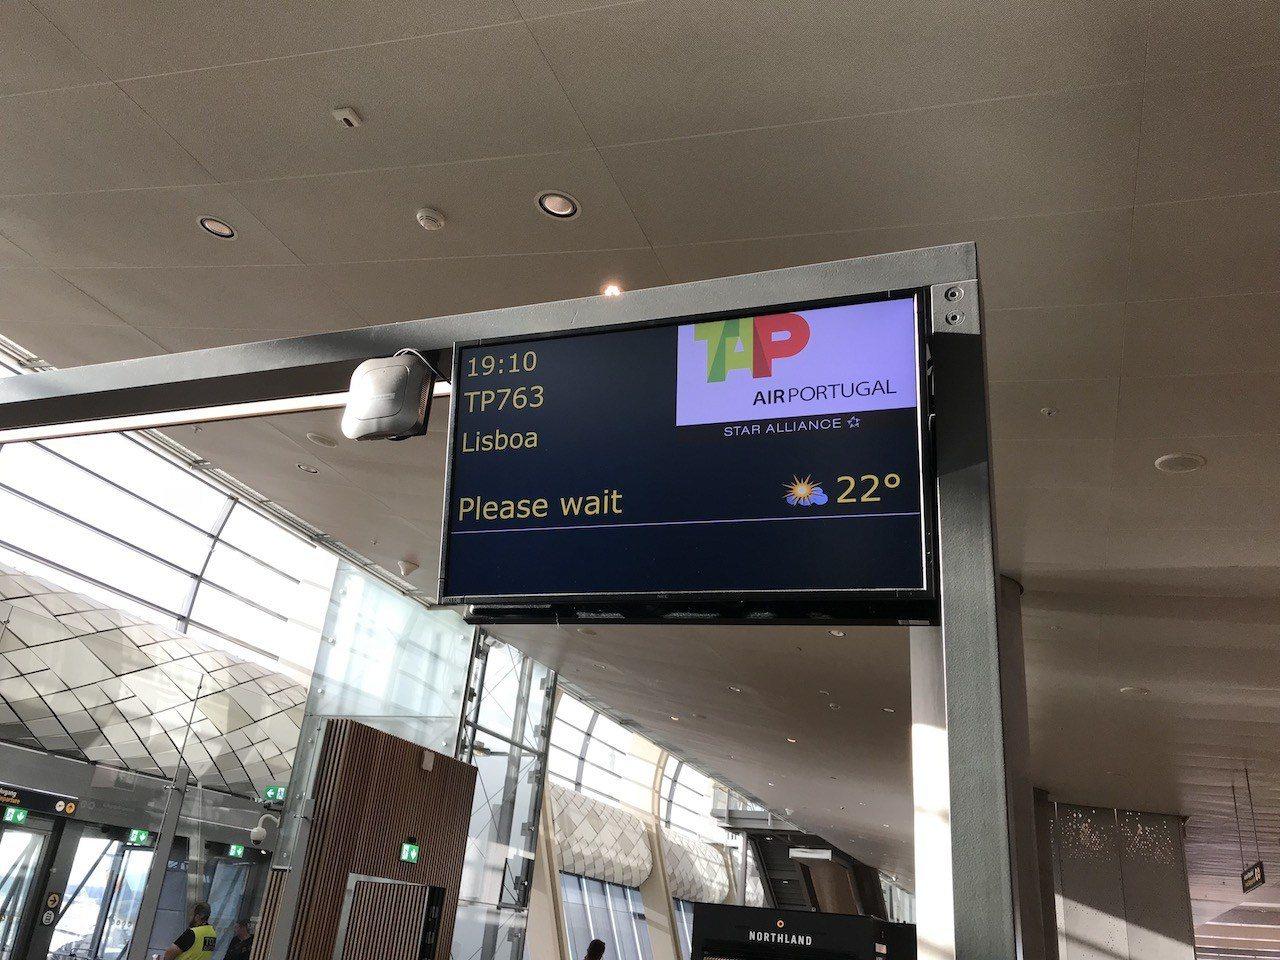 這是這次預備搭乘的航班,從奧斯陸飛里斯本 圖文來自於:TripPlus